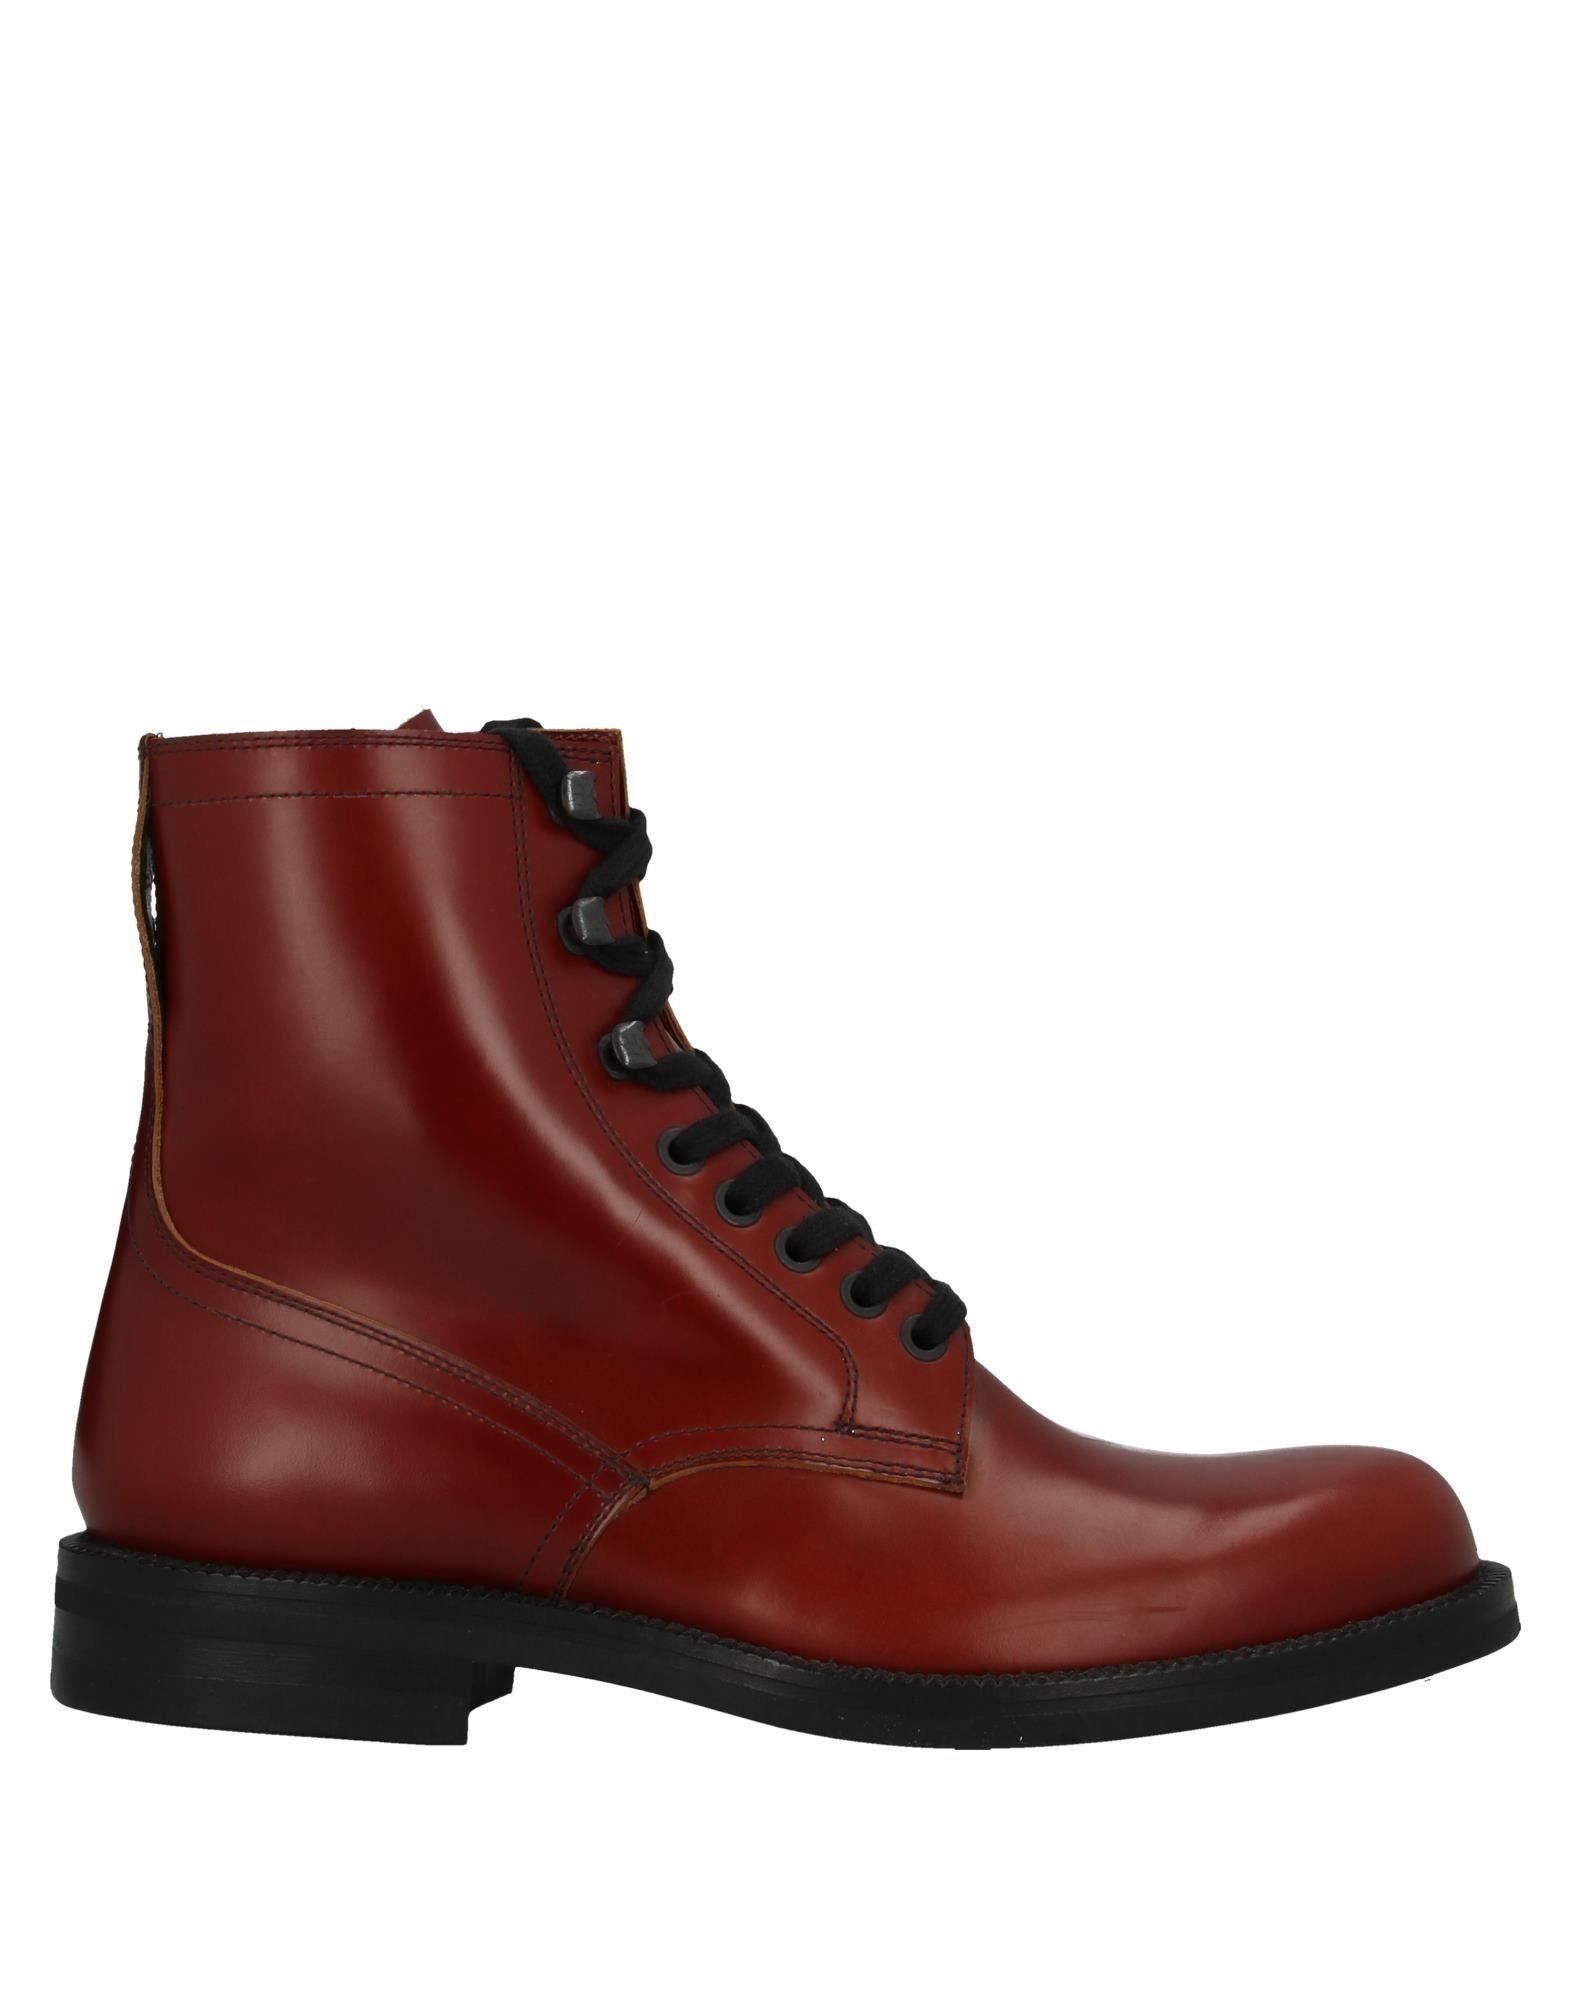 Фото - DRIES VAN NOTEN Полусапоги и высокие ботинки dries van noten полусапоги и высокие ботинки